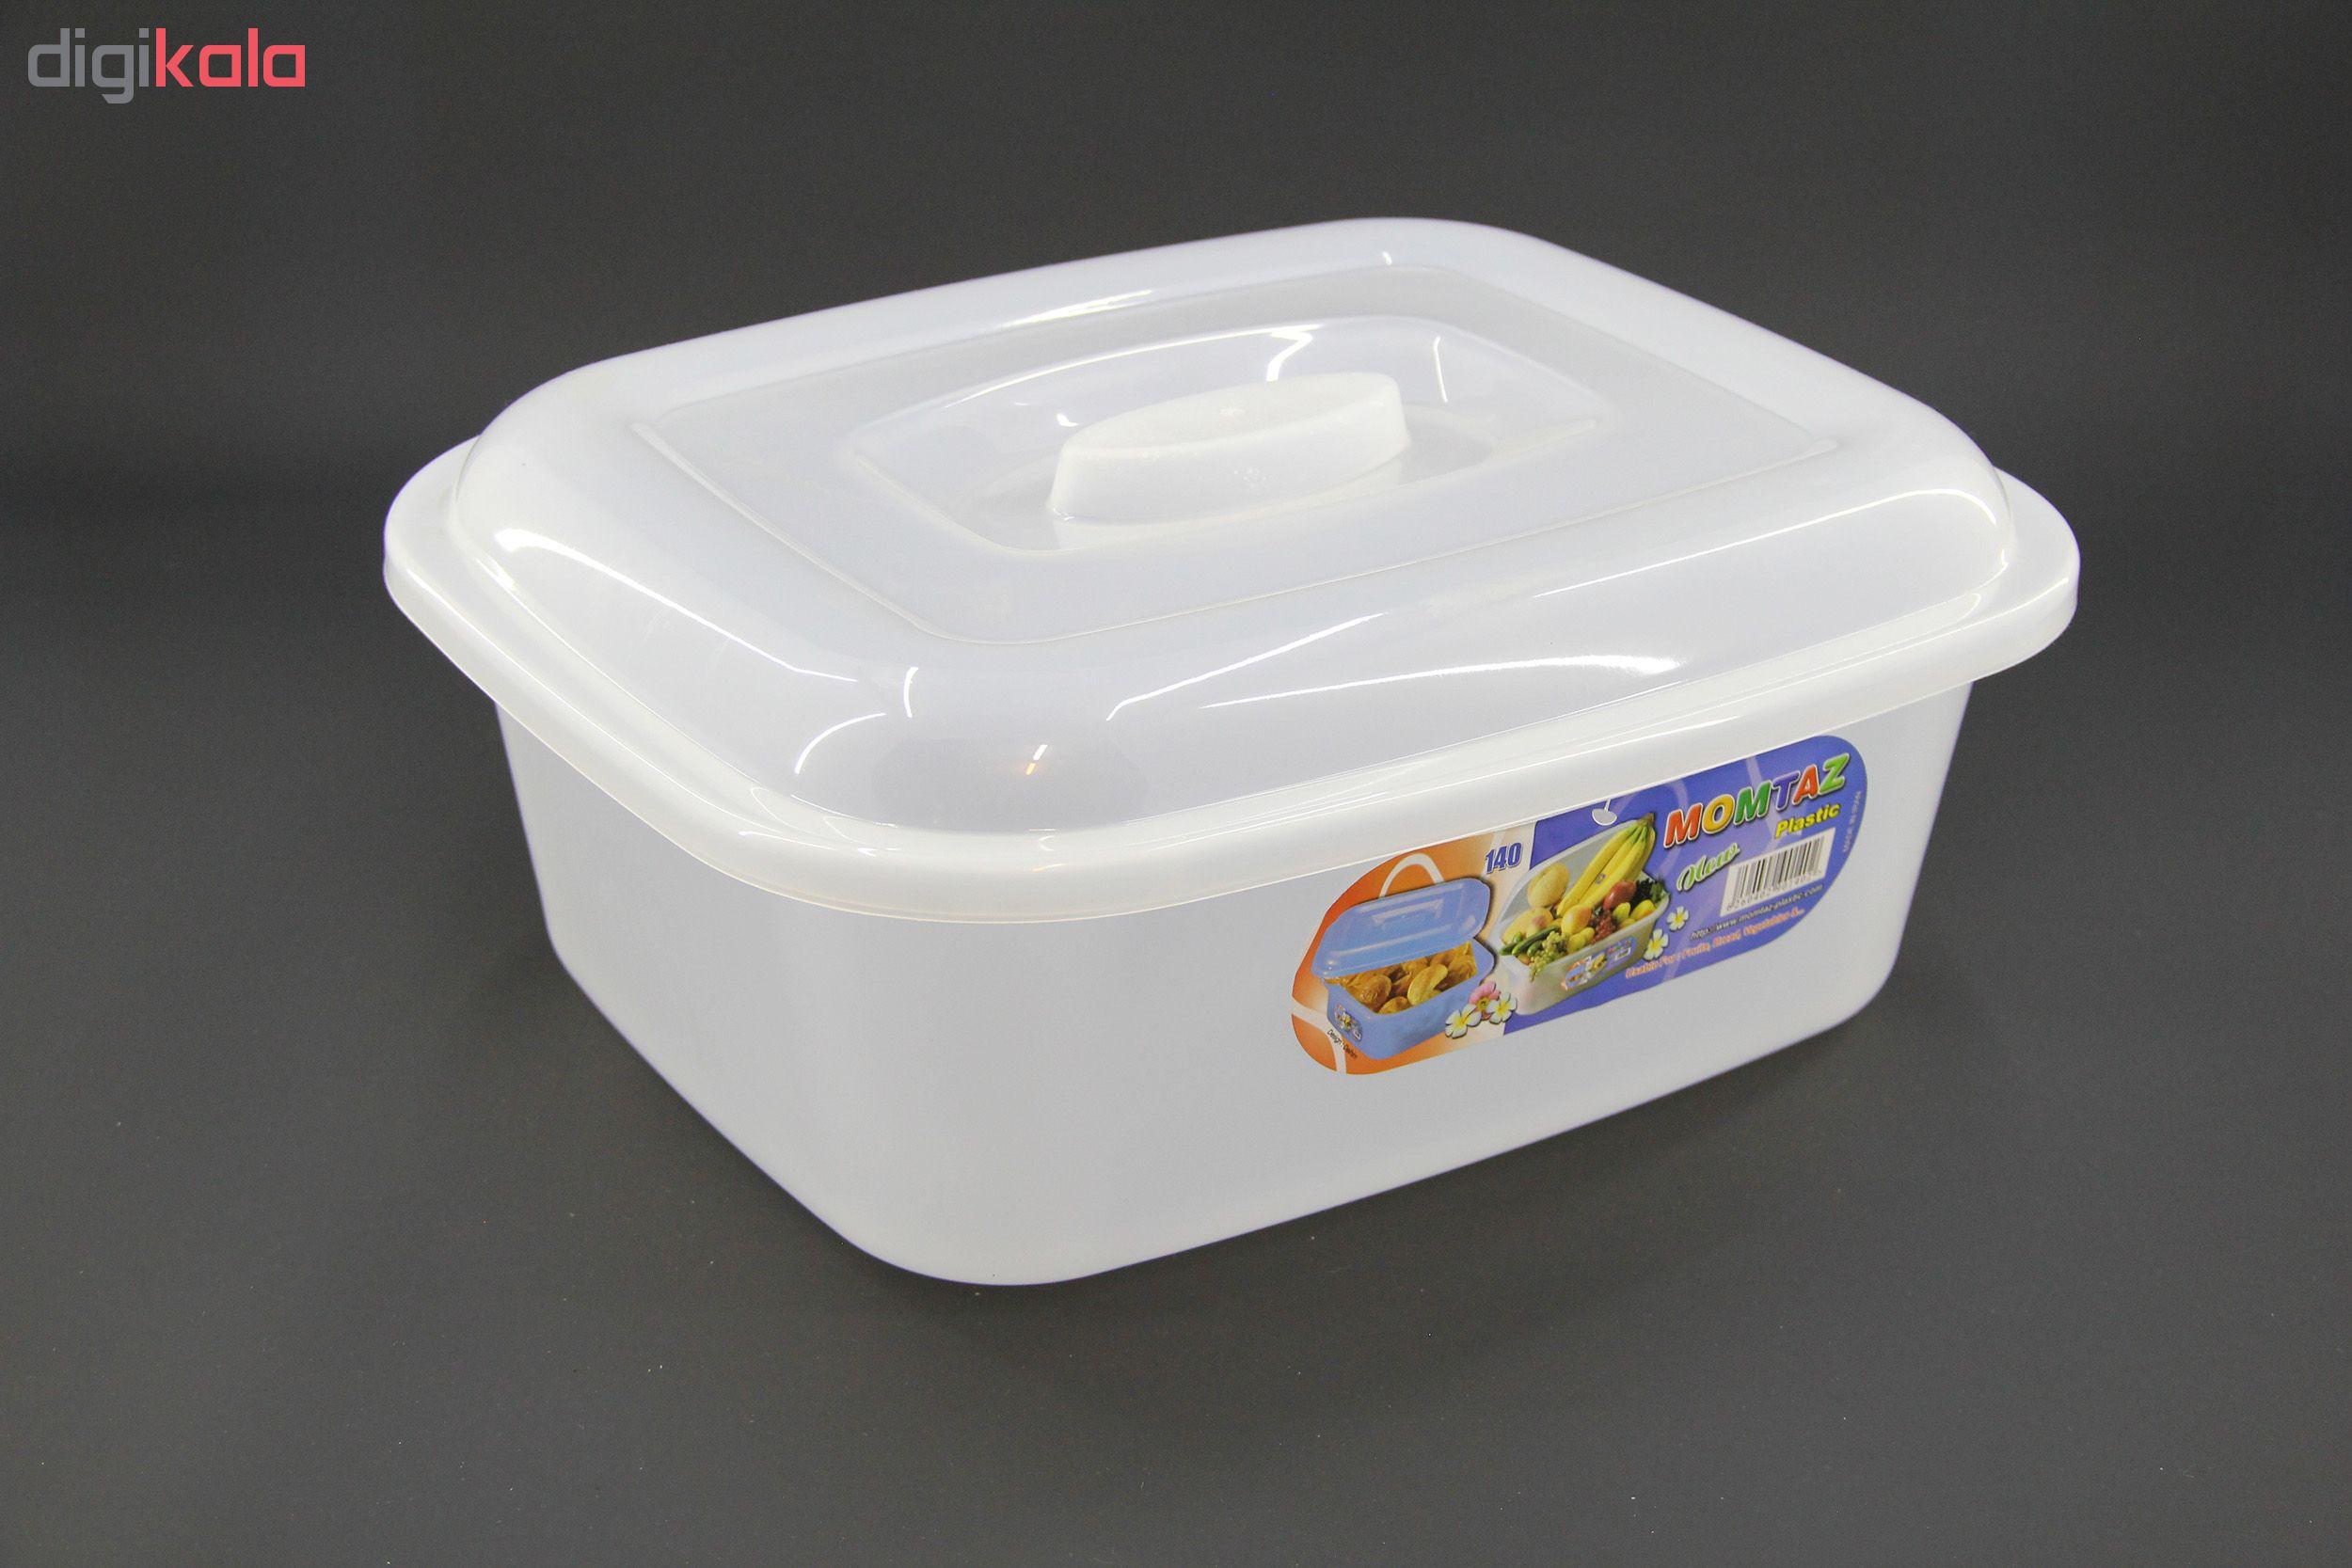 ظرف نان ممتاز پلاستیک مدل 140 ظرفیت ۸ لیتری